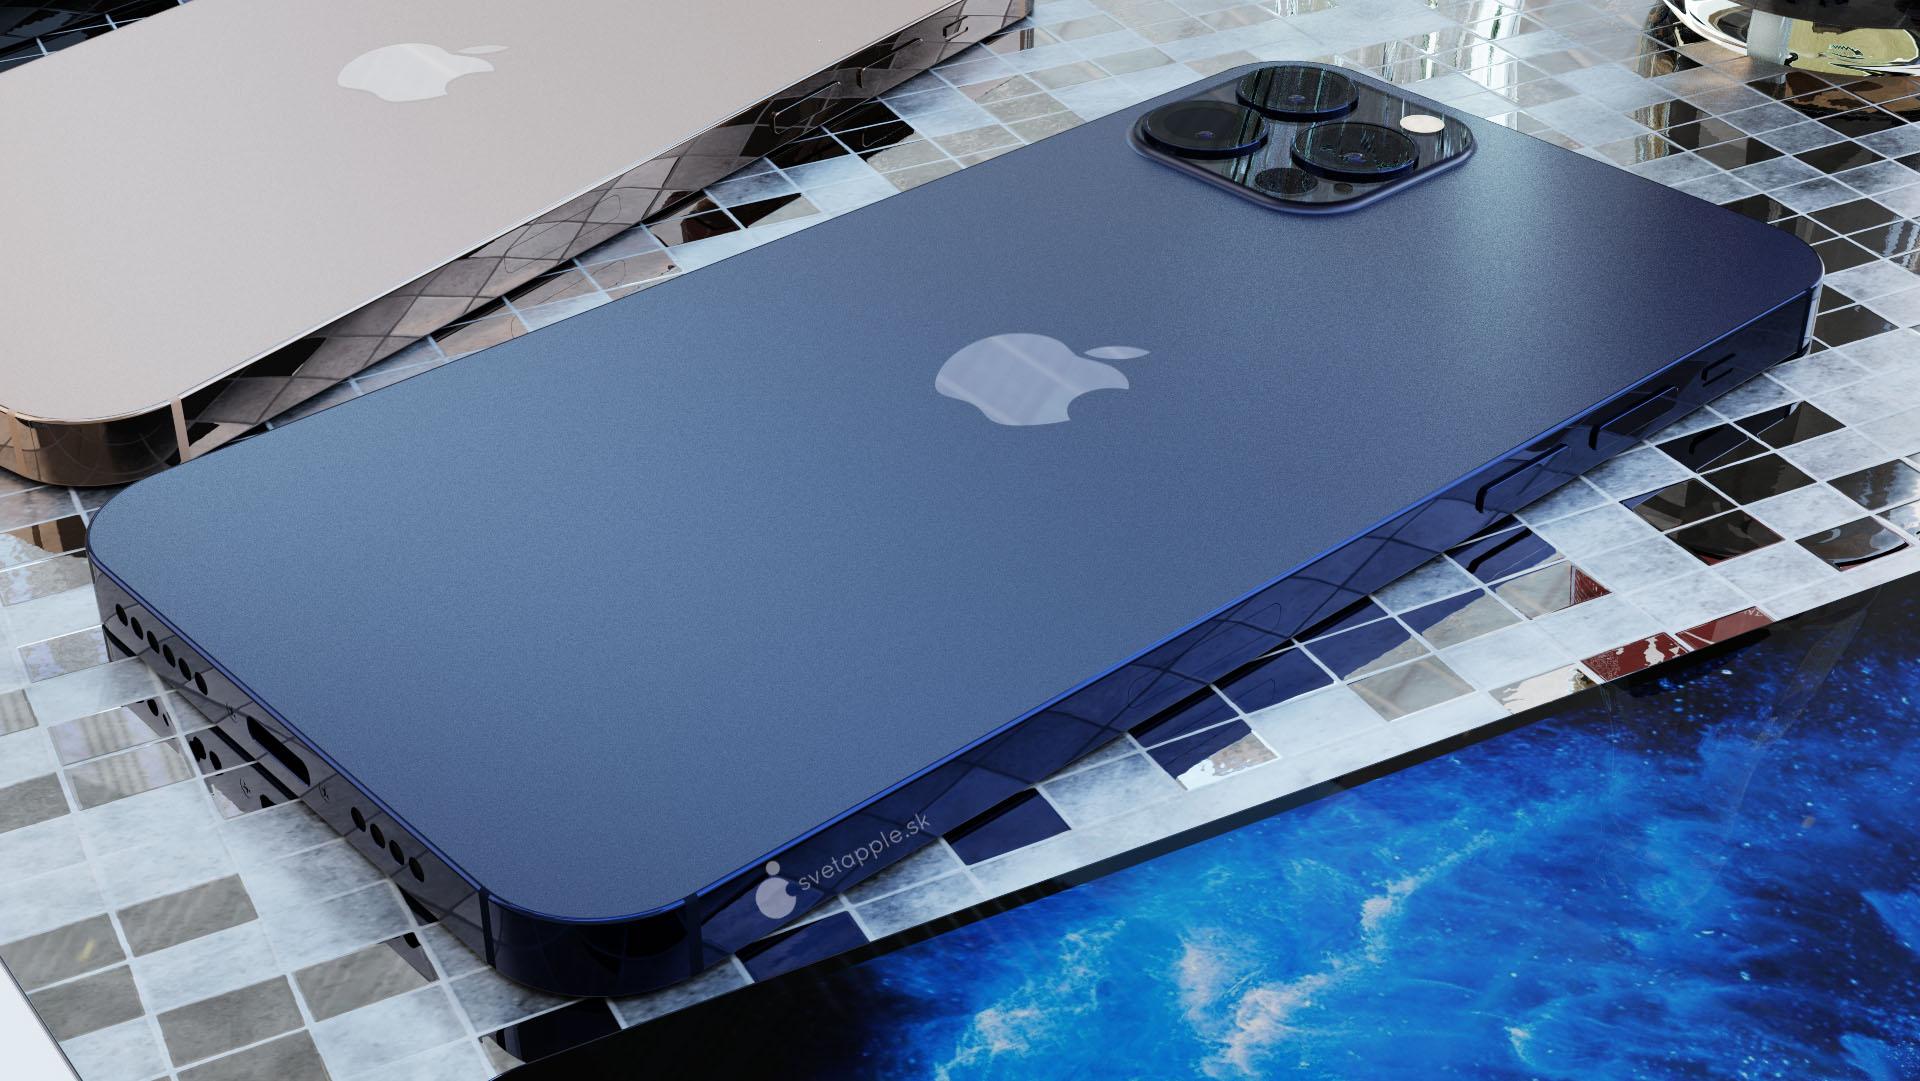 Apple iPhone 12 Pro rendery design kiedy premiera plotki przecieki wycieki